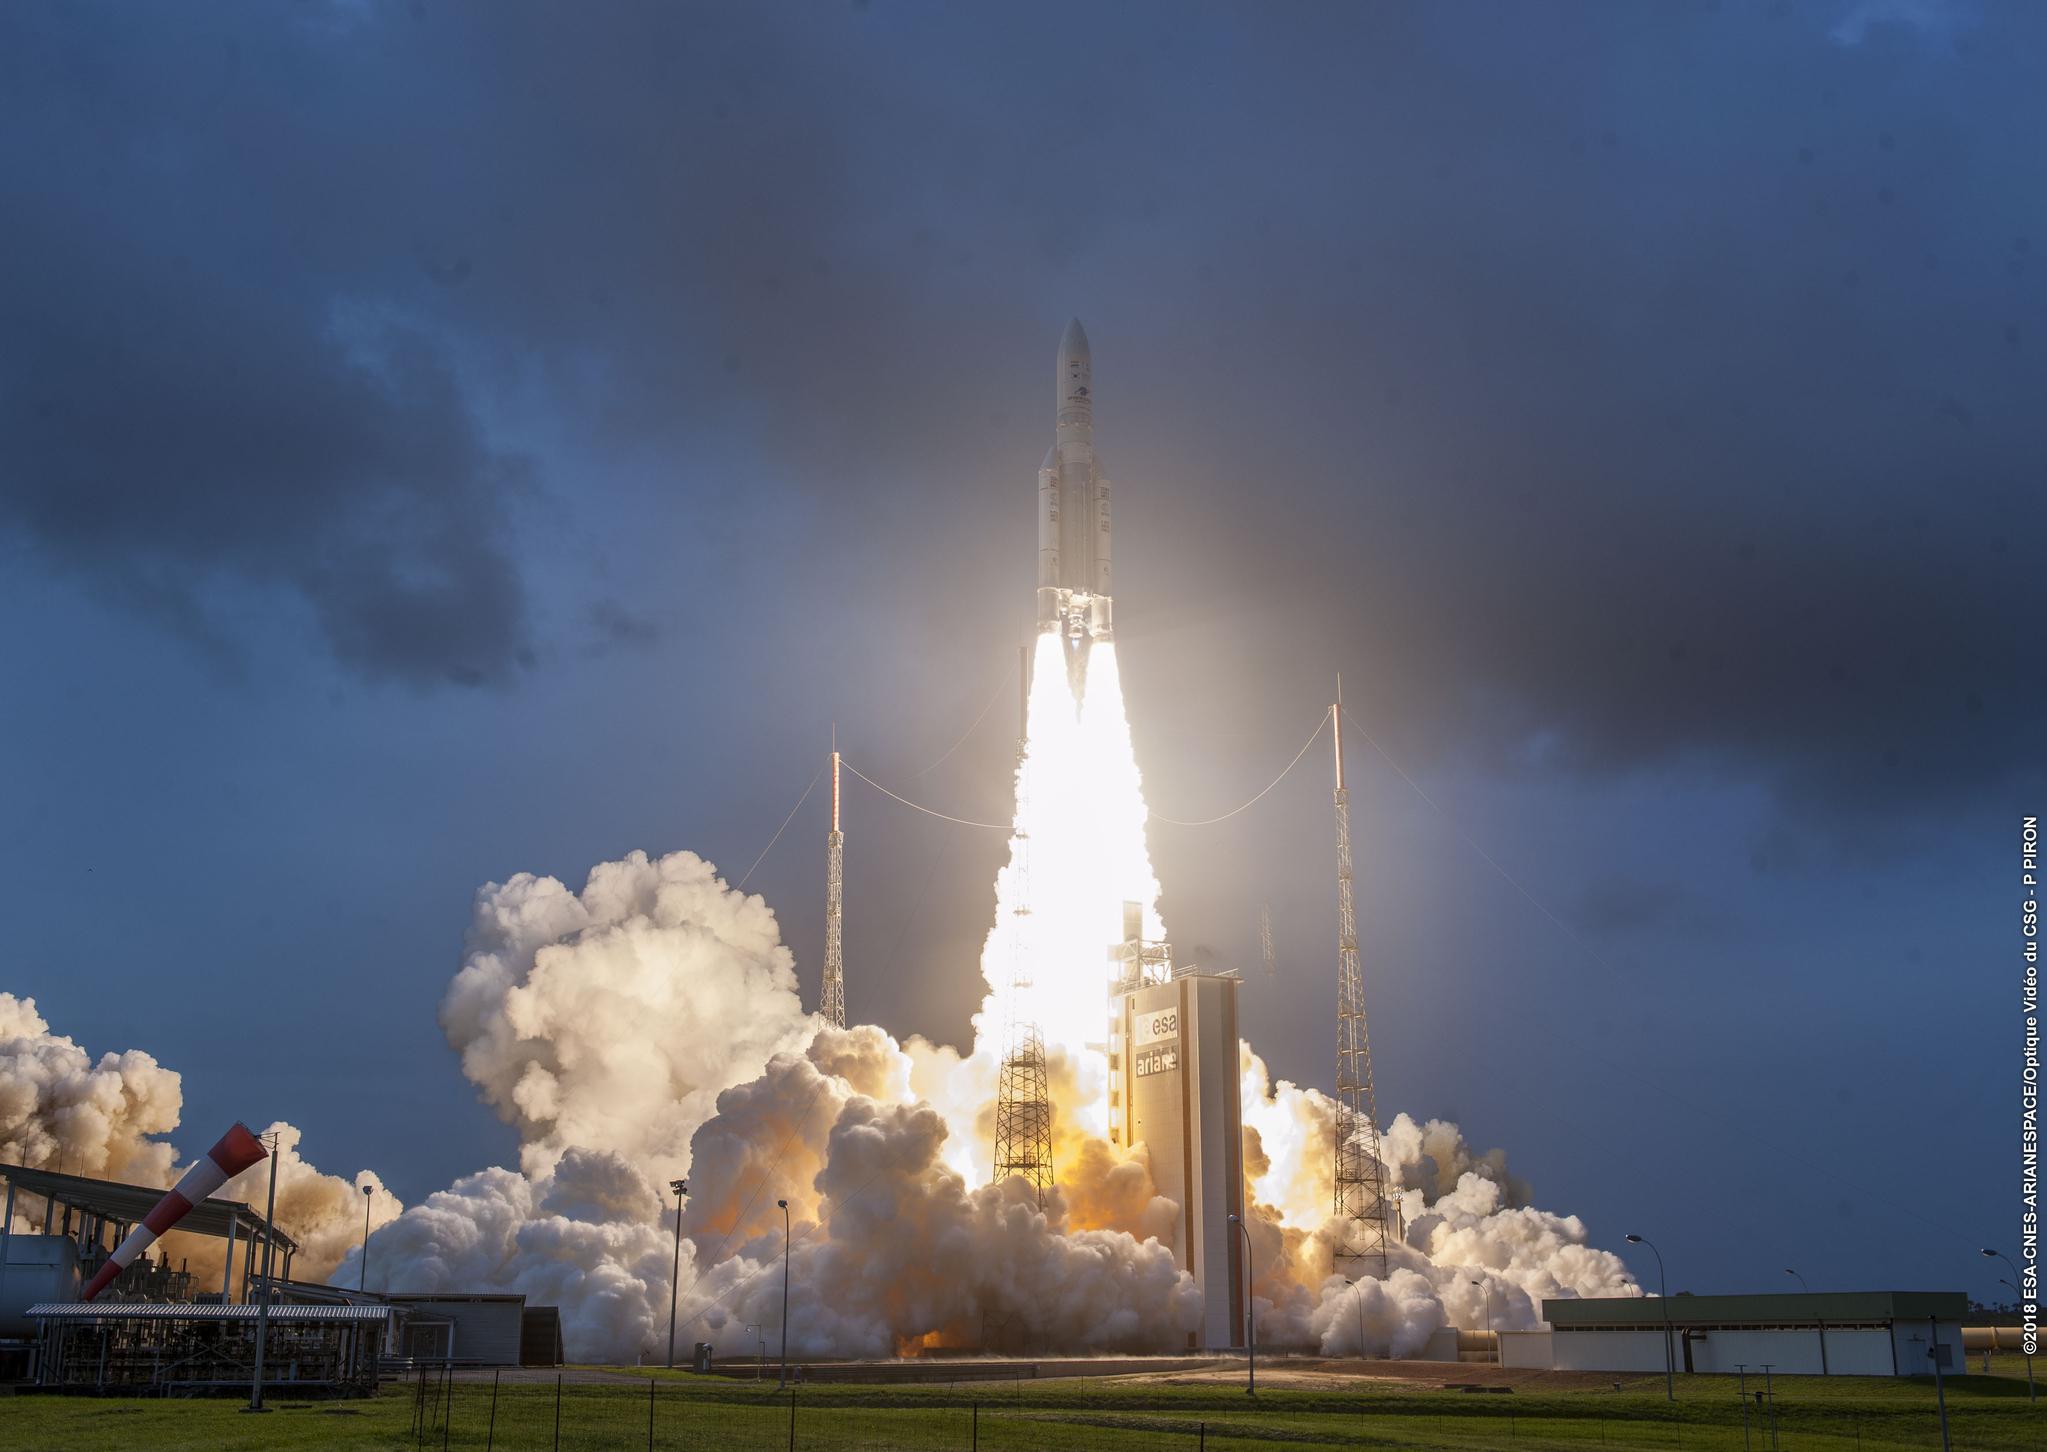 5일 오전 5시 37분(현지시간 4일 오후 5시 37분) 남미 프랑스령 기아나의 기아나 우주센터에서 기상관측 위성 '천리안 2A호'(GEO-KOMPSAT-2A)를 탑재한 유럽연합 아리안스페이스의 로켓 '아리안-5ECA'가 발사되고 있다. [사진 아리안스페이스사, ESA-CNES-Arianespace=연합뉴스]